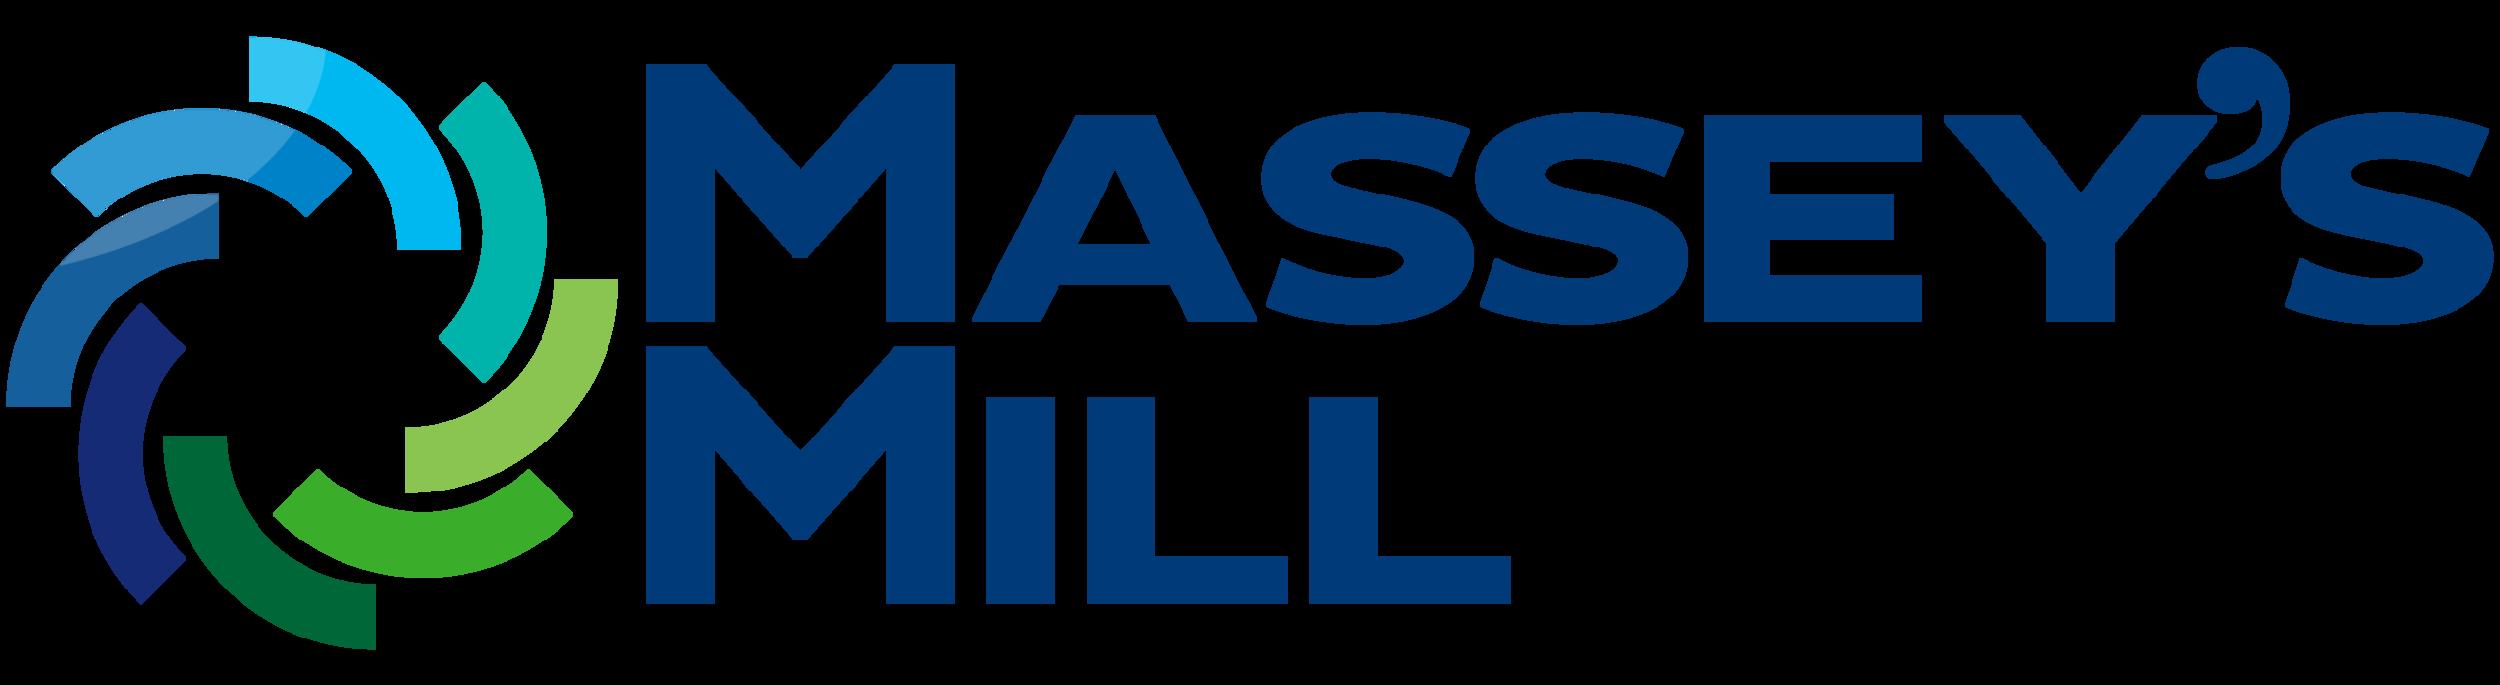 MasseysMill_logo.png